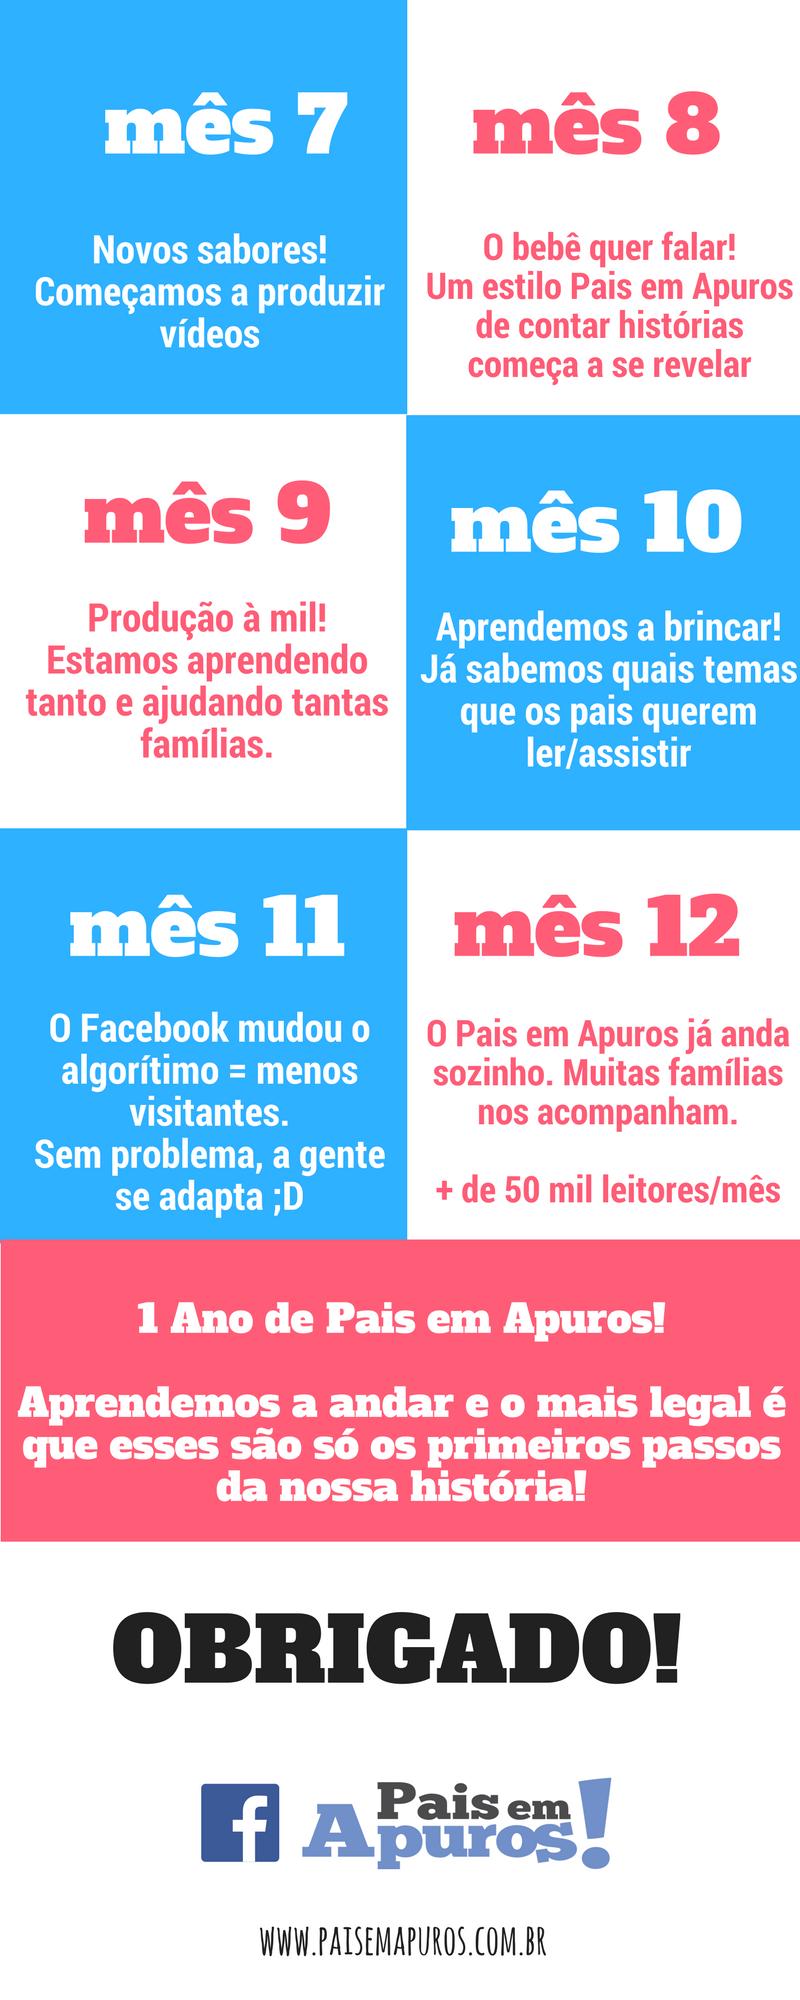 1 Ano de Pais em Apuros